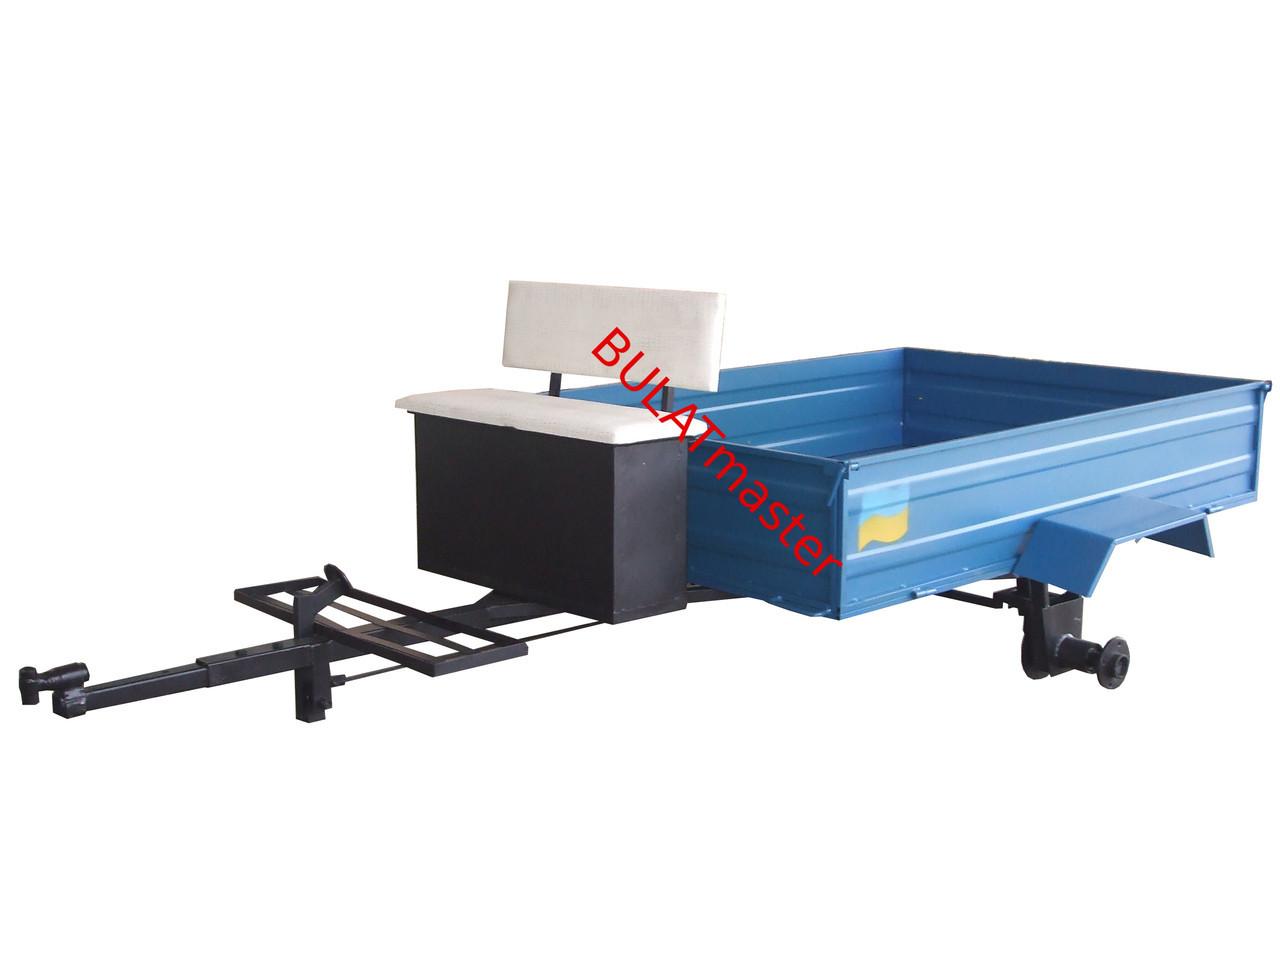 Прицеп для мотоблока (1,32 х 1,80 м) под жигулевские ступицы (без покрышек и колес)